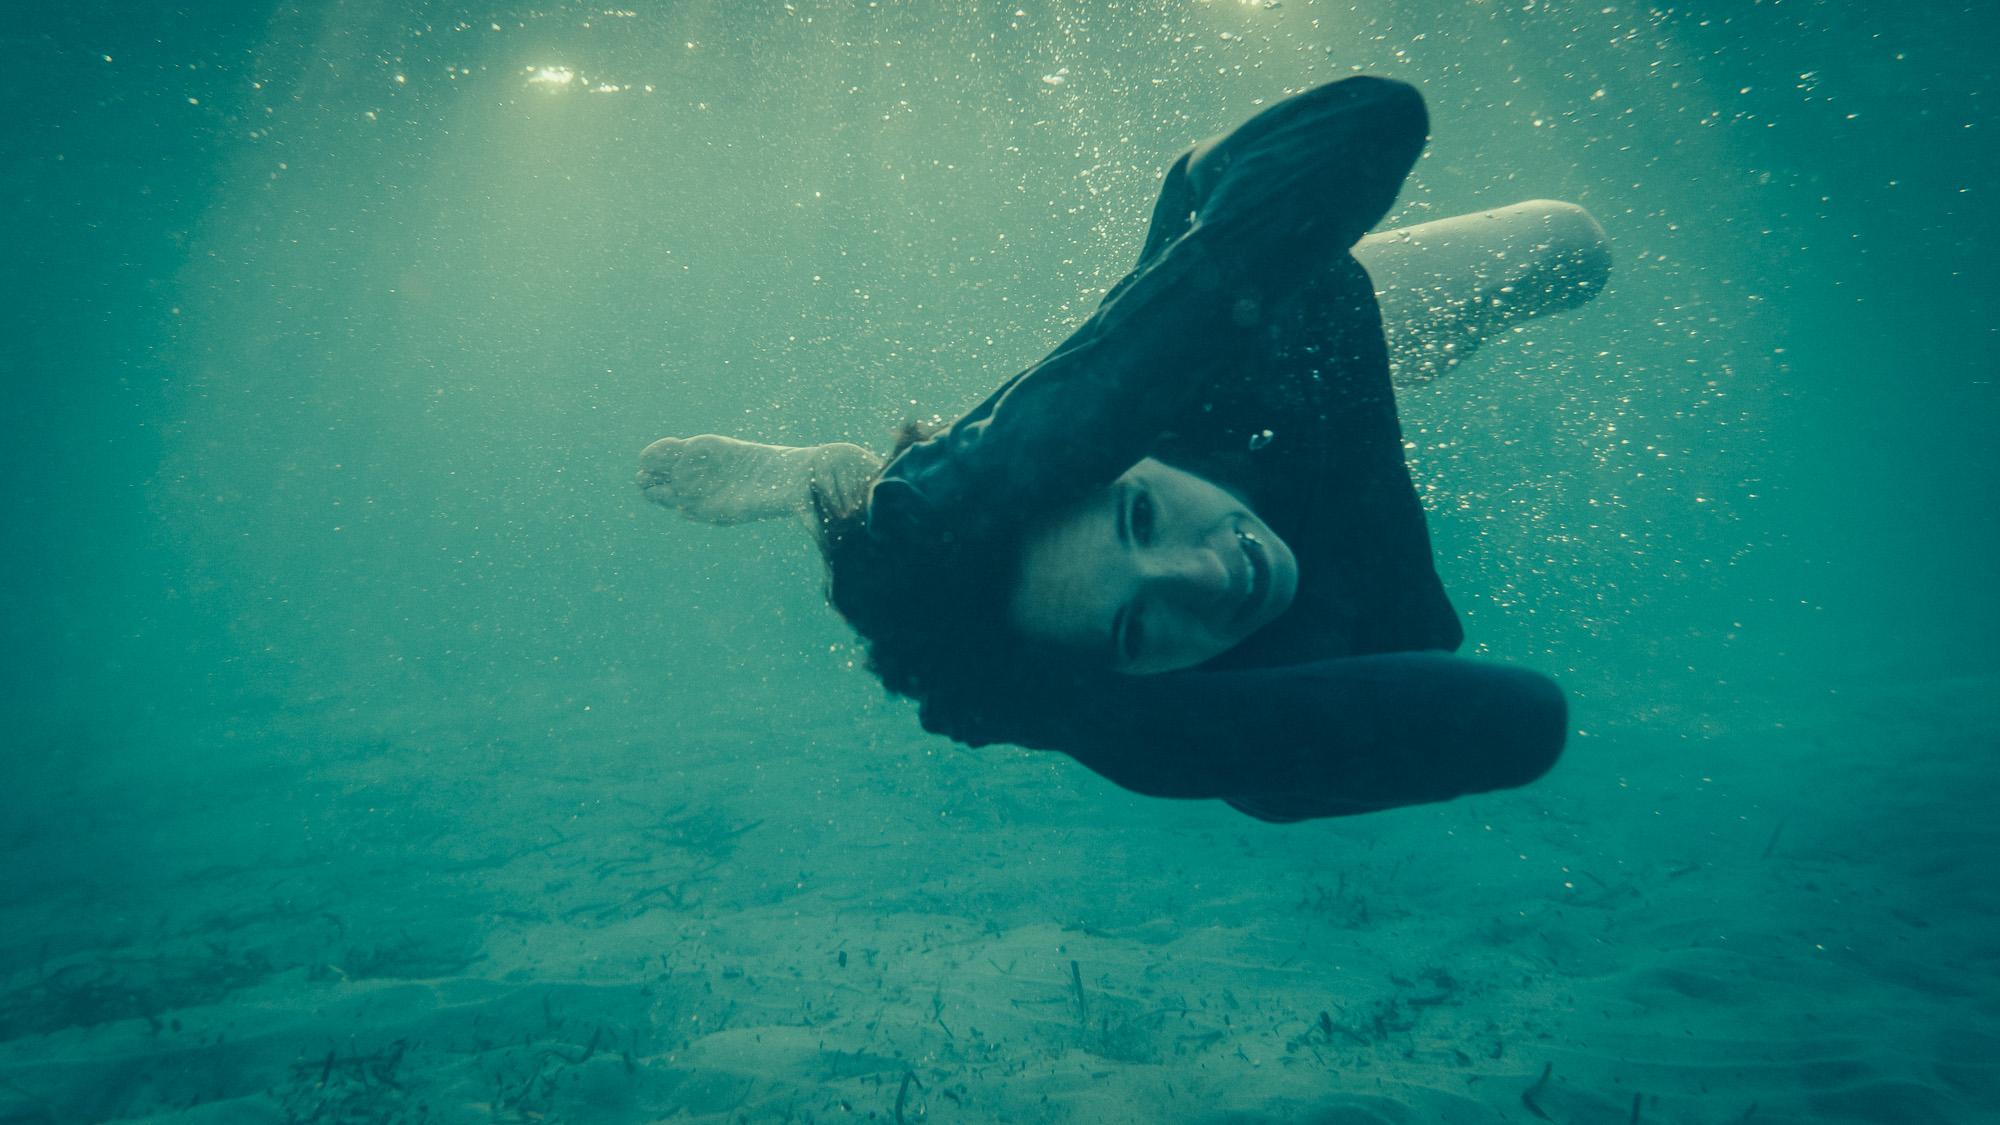 130526_Despierta_FarFavaritx_Underwater_027.jpg